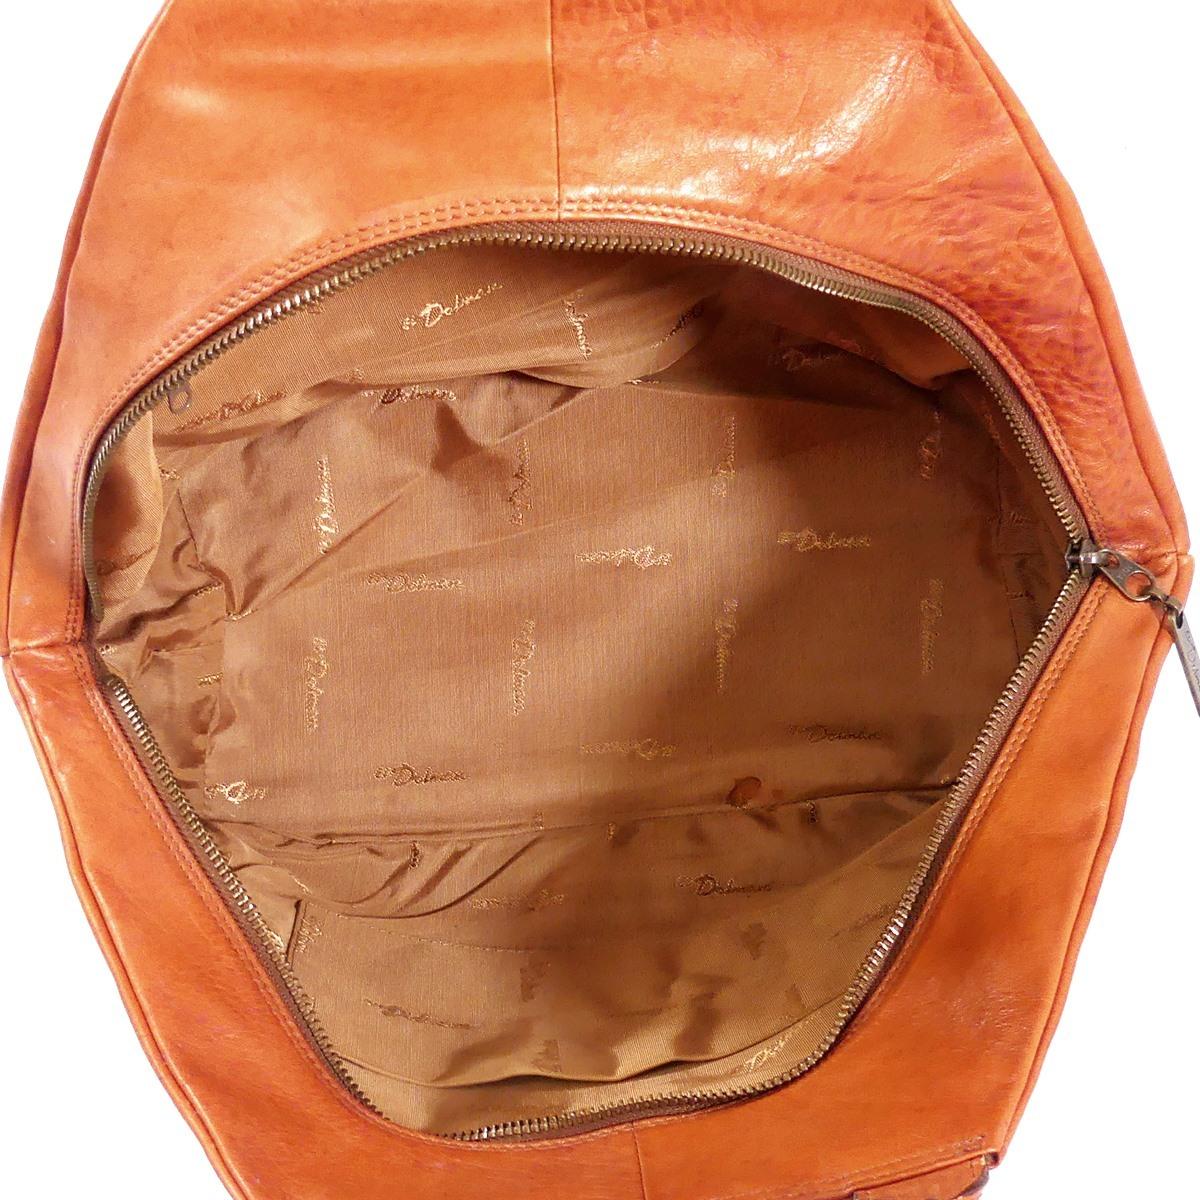 即決★EL Dolman★レザーハンドバッグ ドルマン メンズ 茶 本革 トートバッグ 本皮 かばん 鞄 レディース 手提げバッグ_画像8